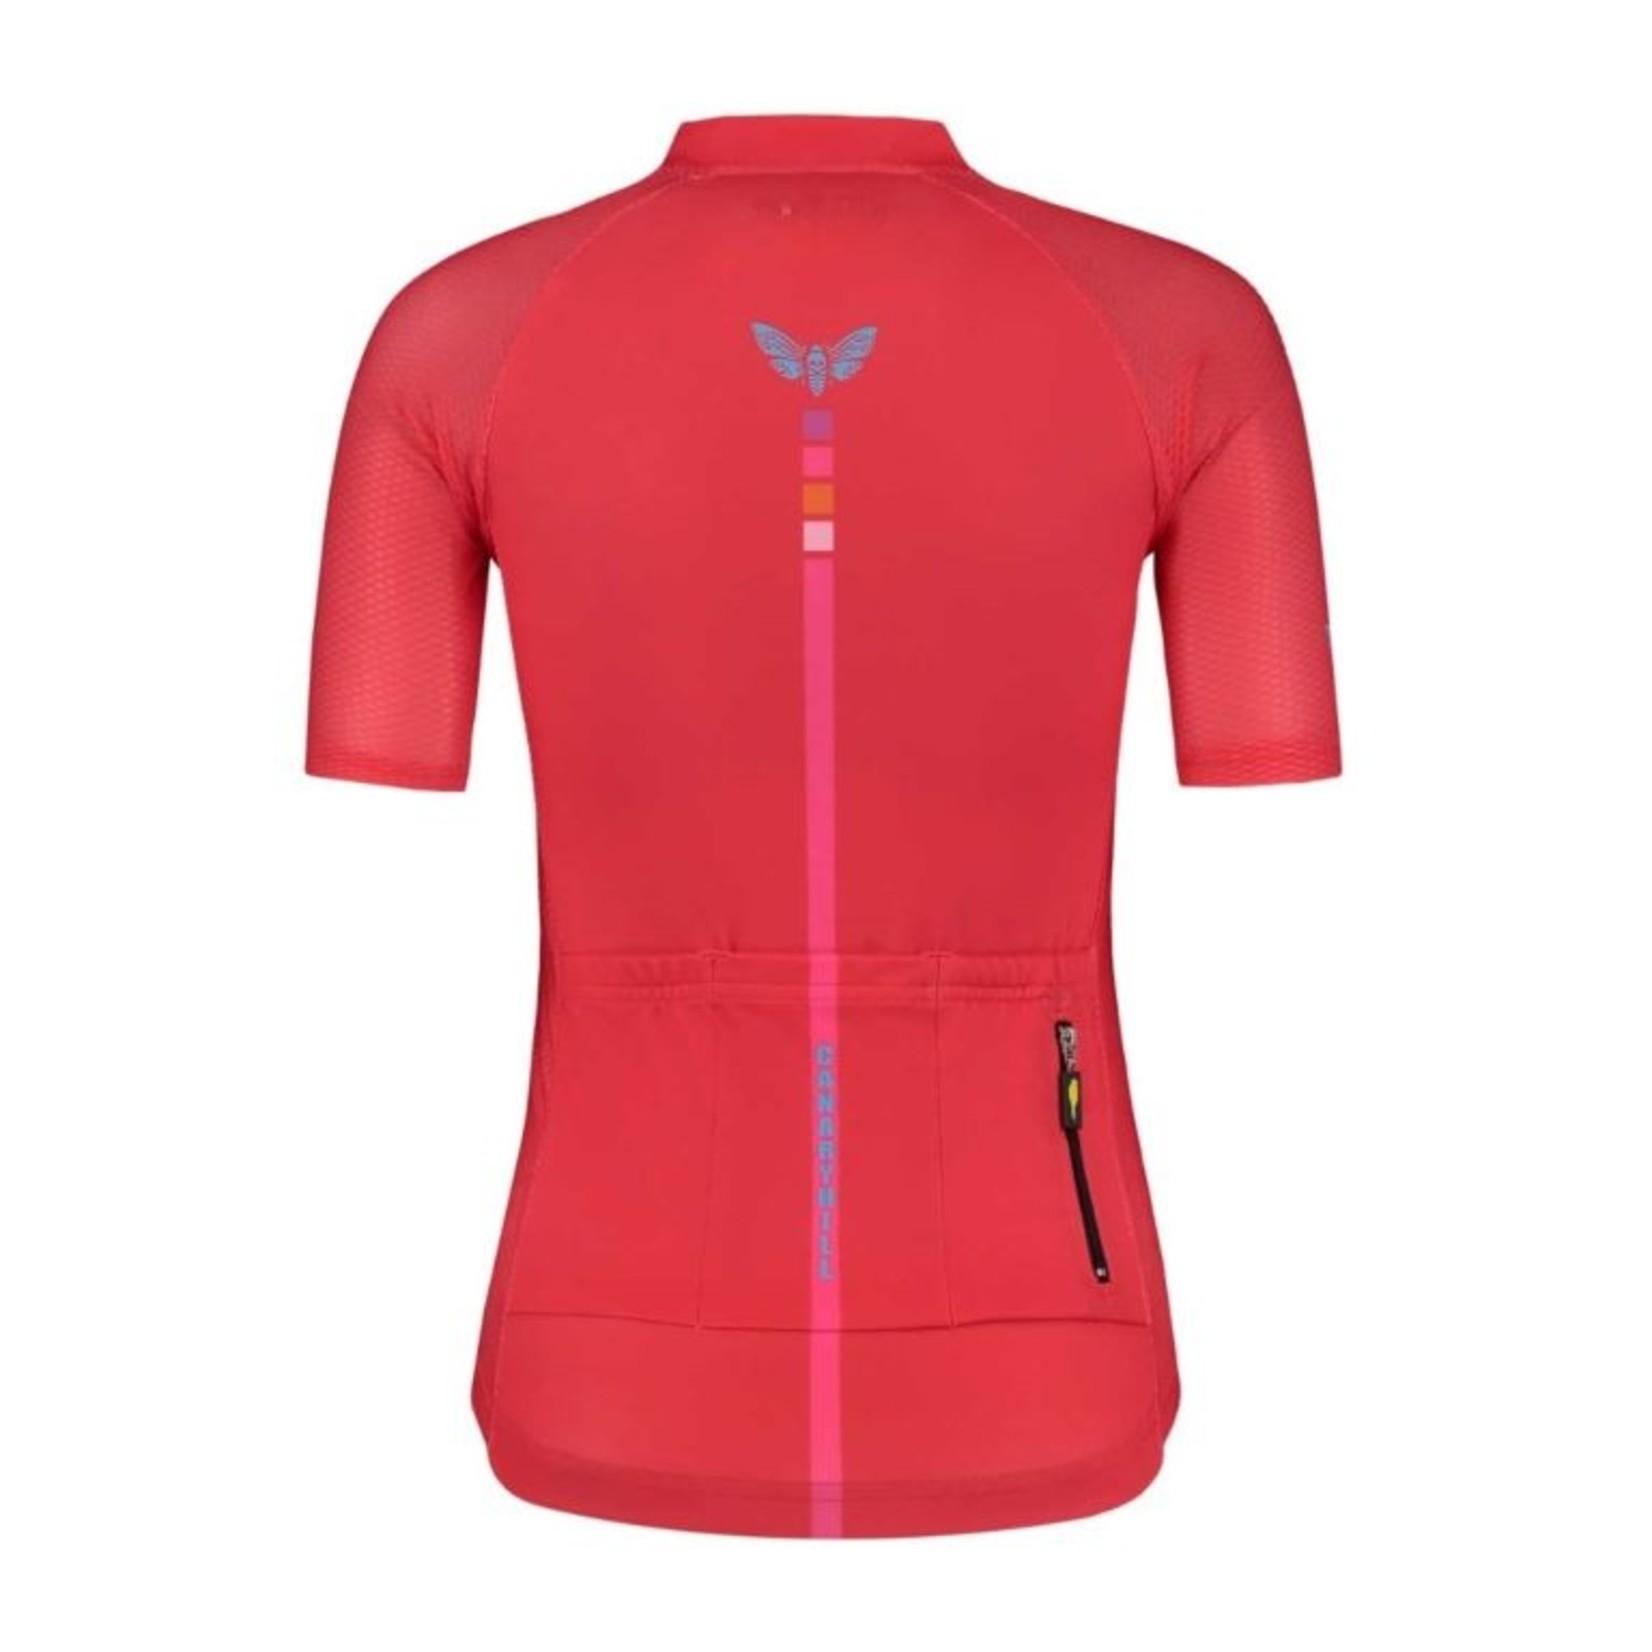 Canary Hill 'Atropos' Shirt